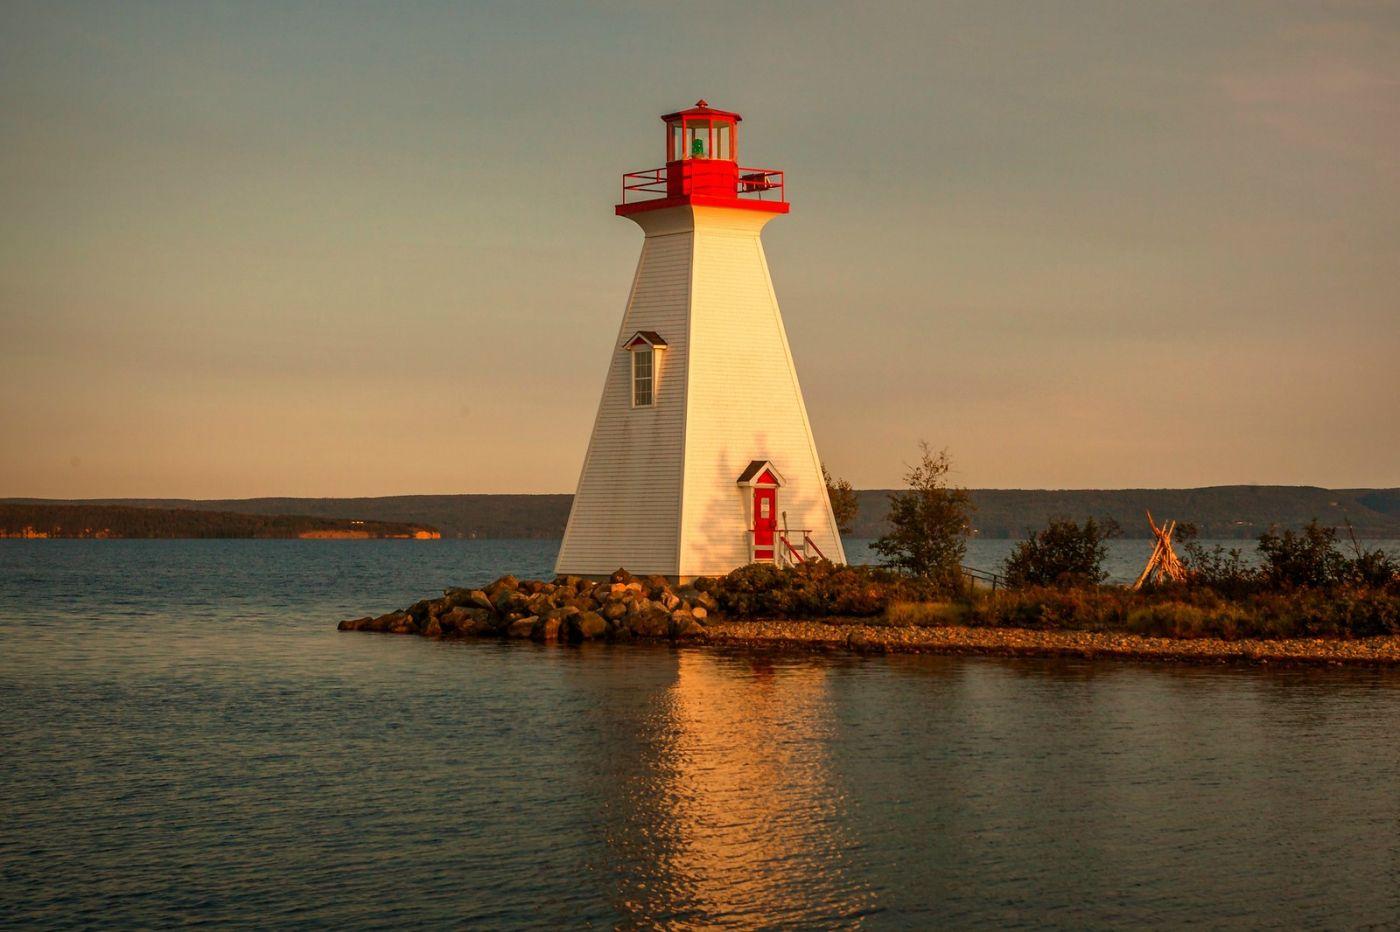 加拿大Nova Scotia, 帆船灯塔老鹰_图1-1